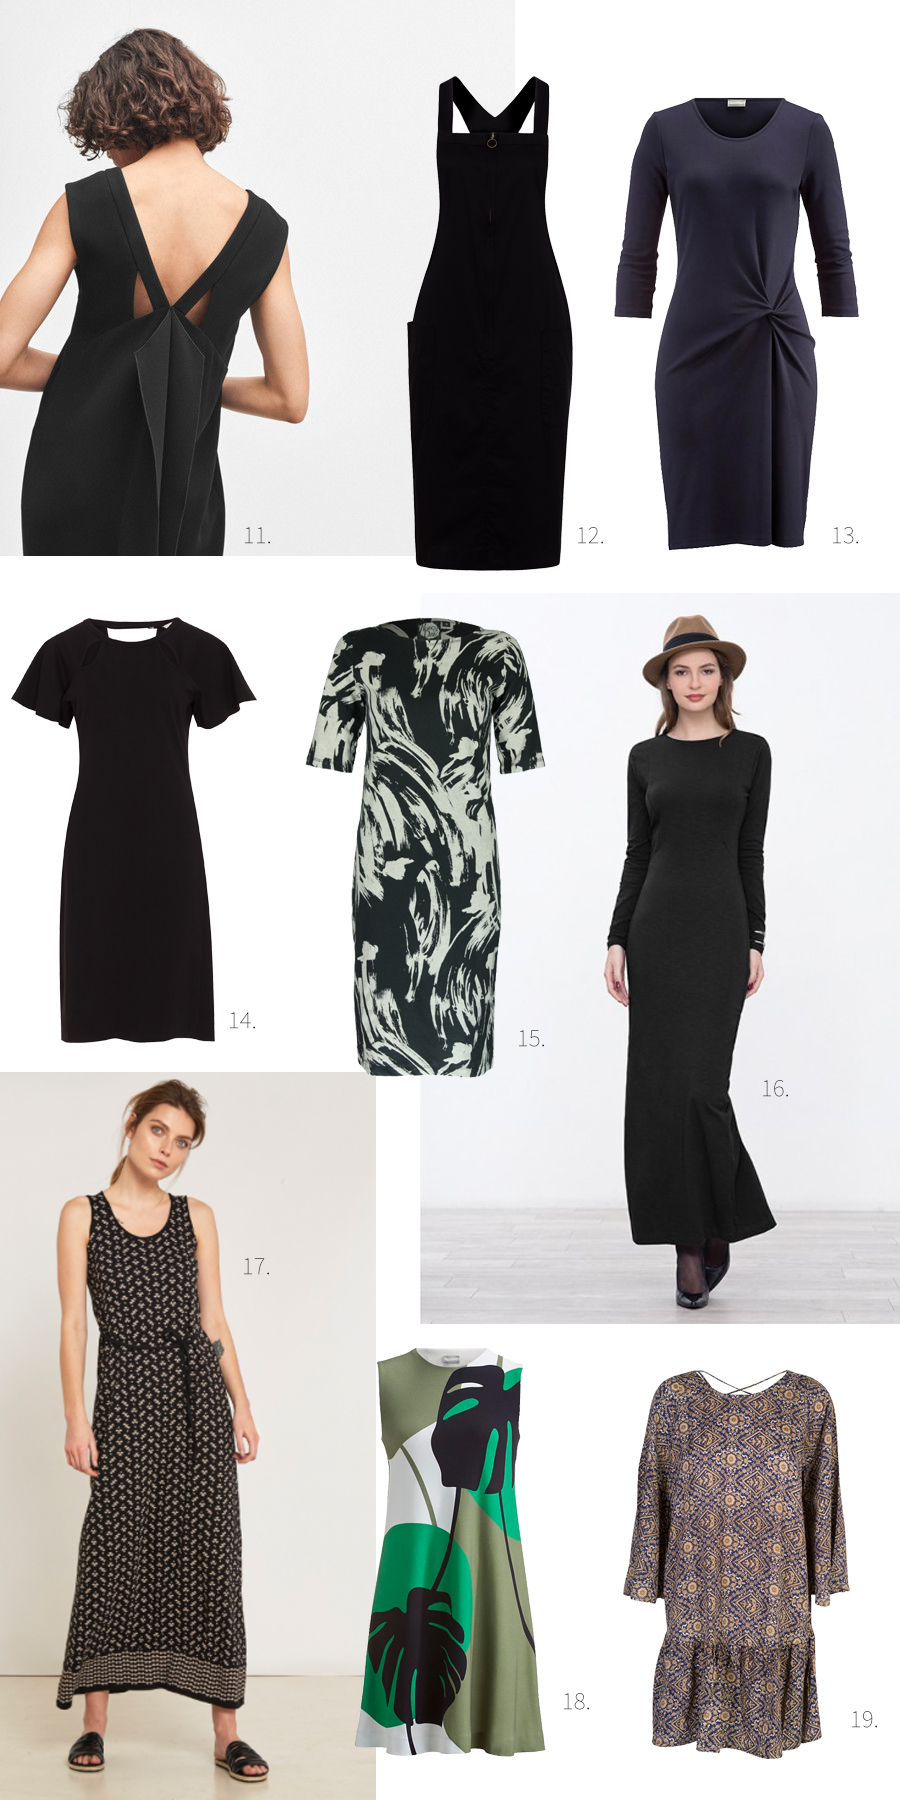 baeredygtige kjoler2